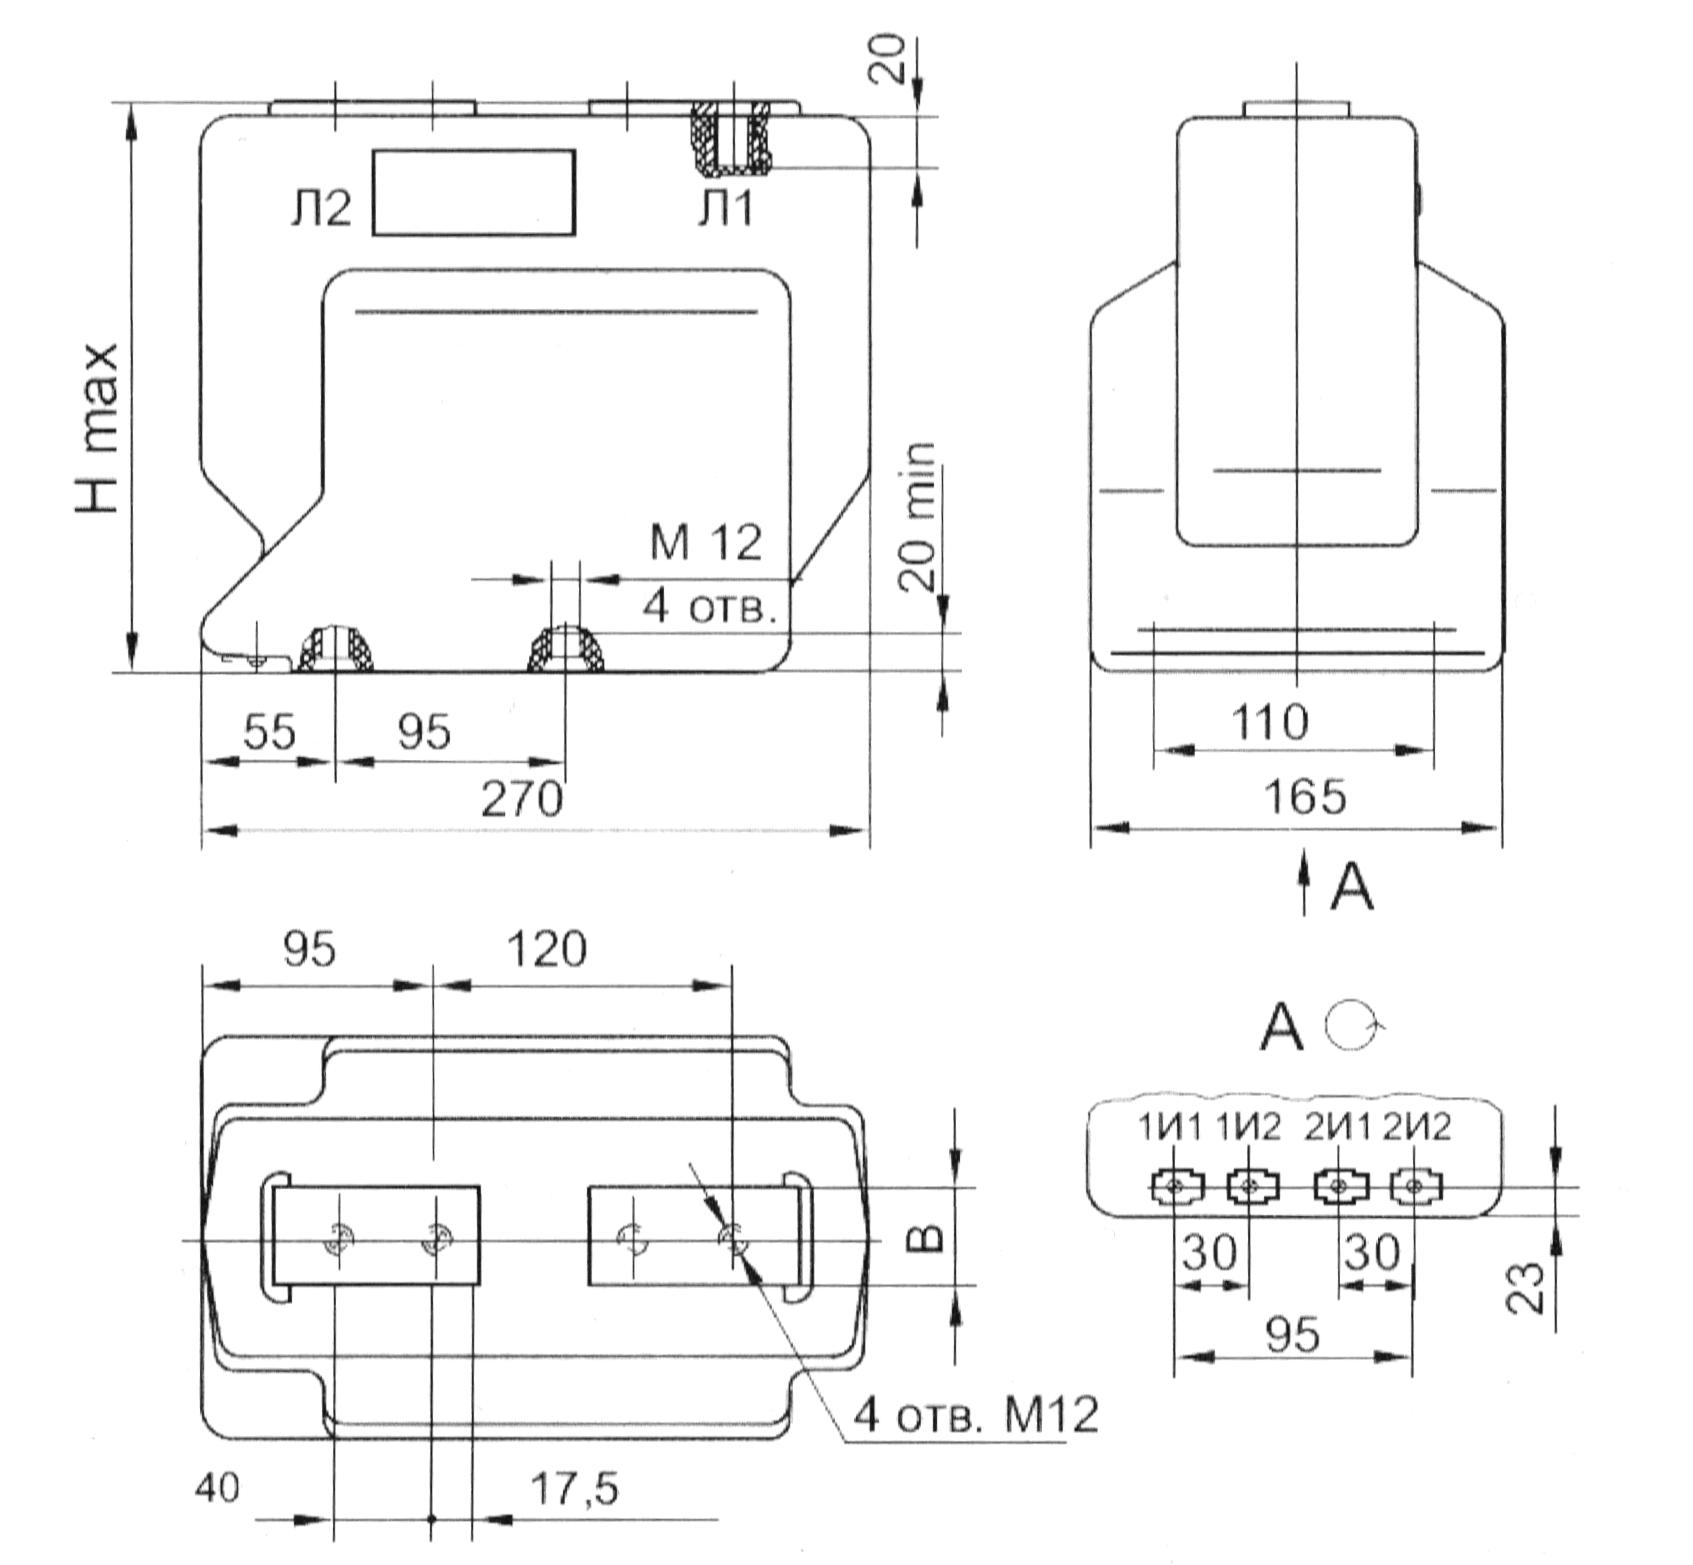 Трансформатор тока ТОЛ-10 - габаритные и присоединительные размеры (чертеж)